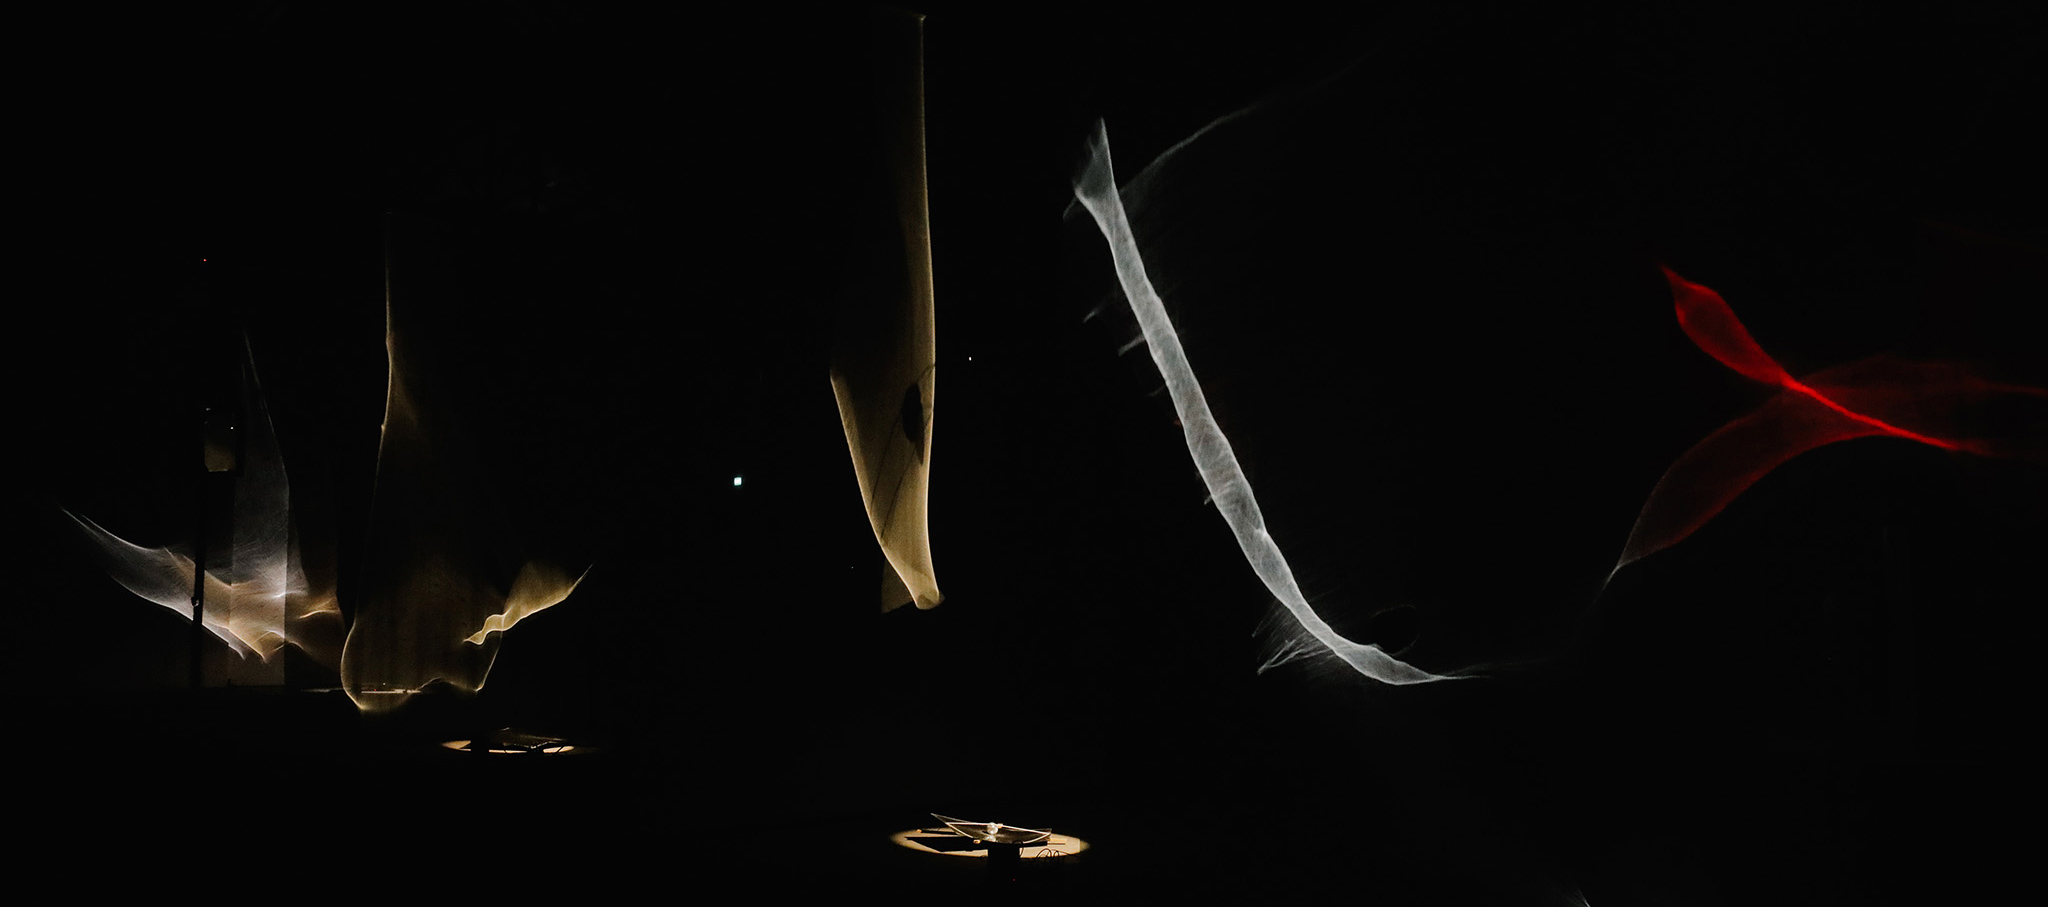 Reflexions por Antoni Arola. Fotografía por Iris Humm